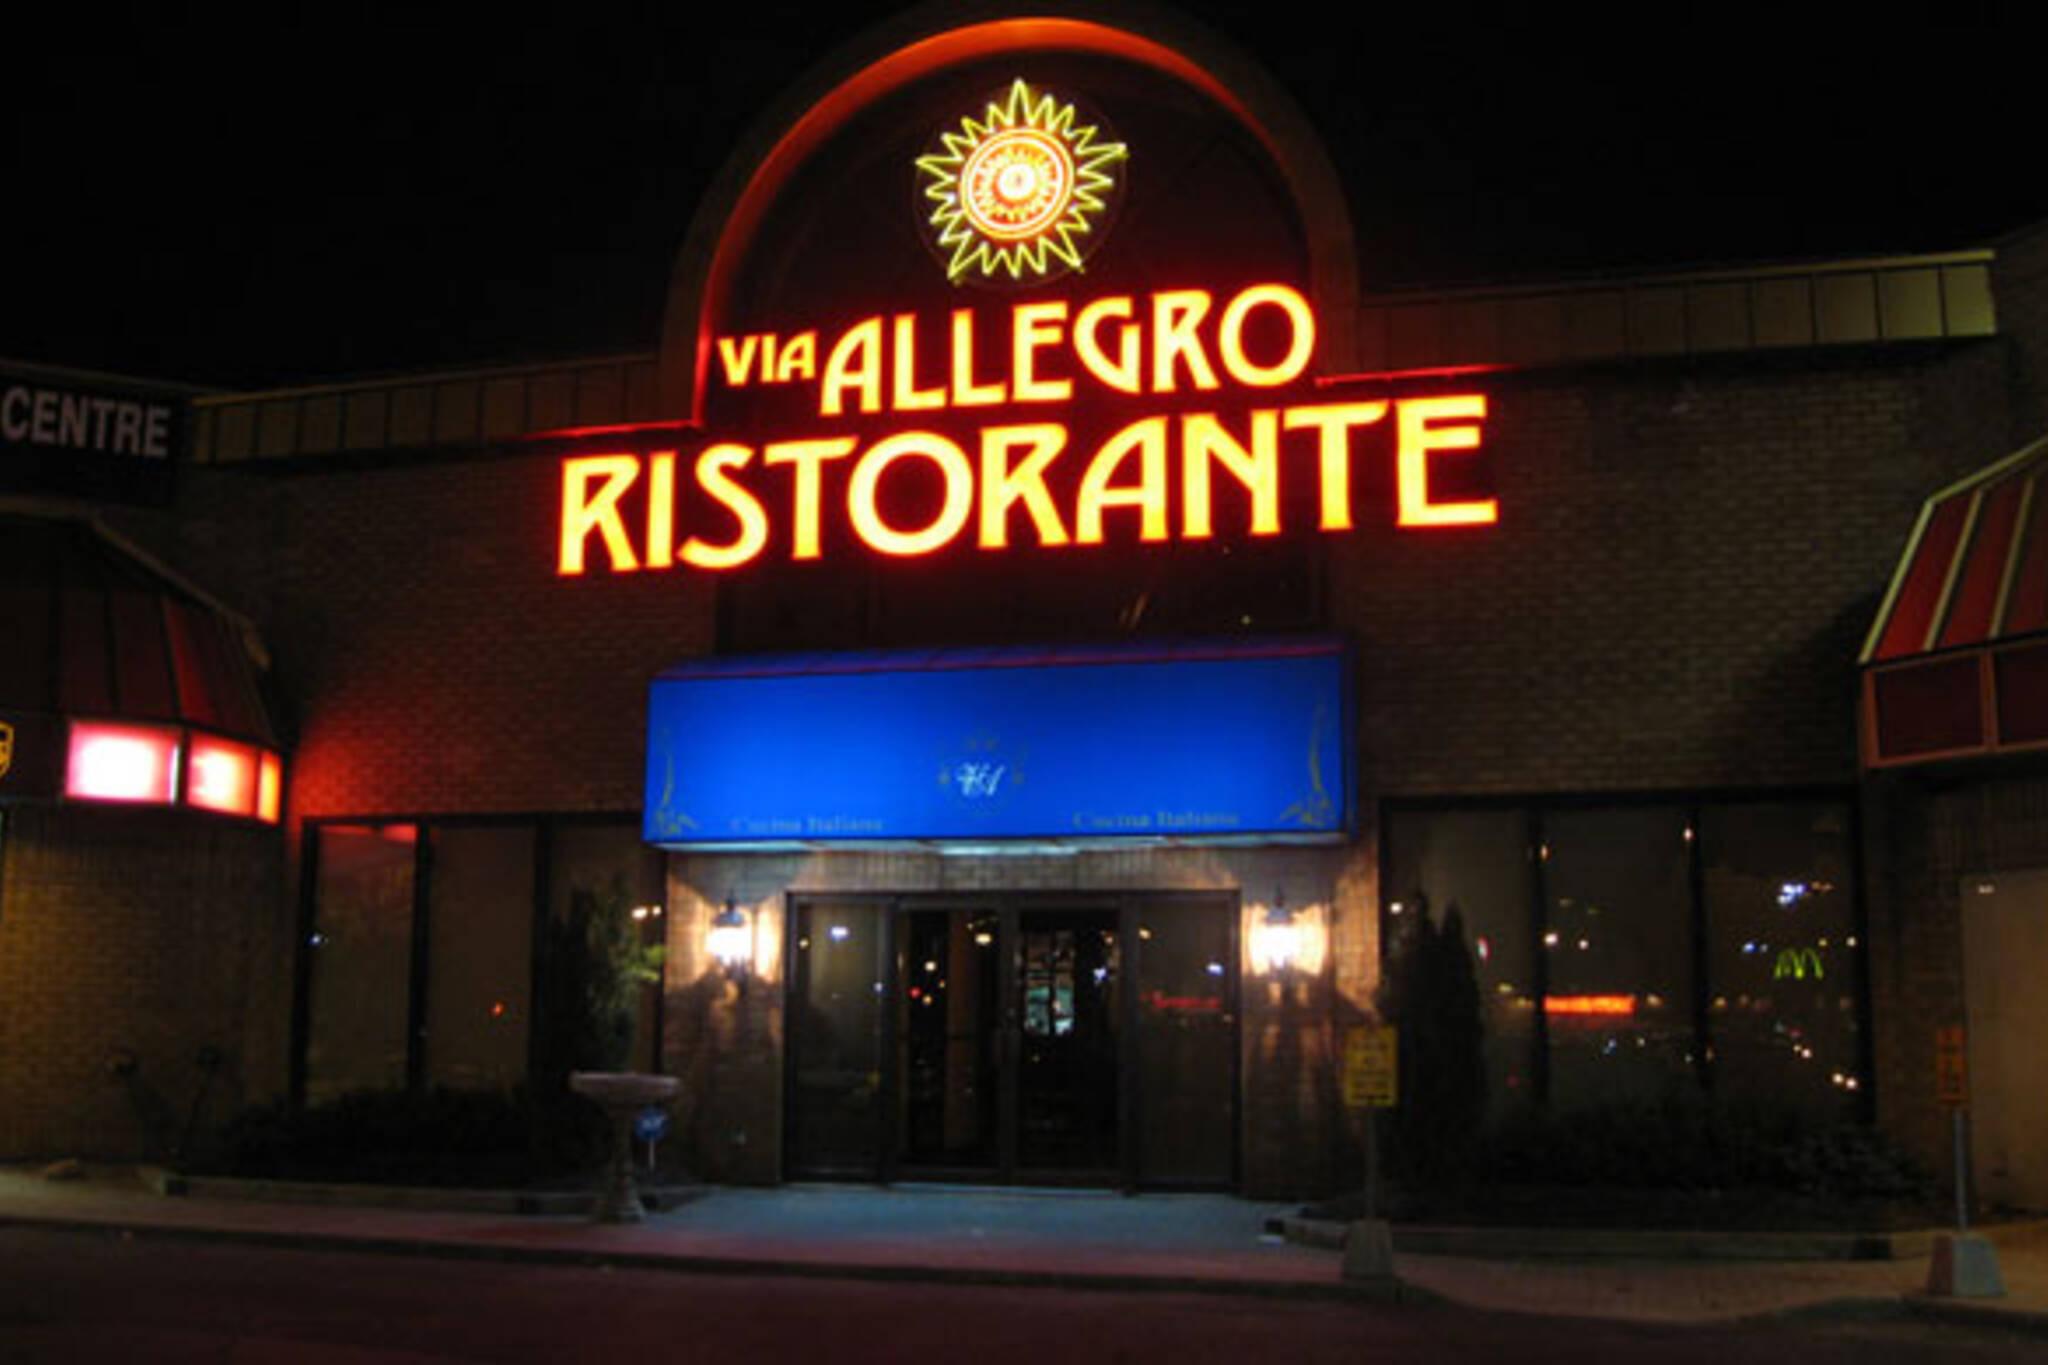 Via Allegro Toronto